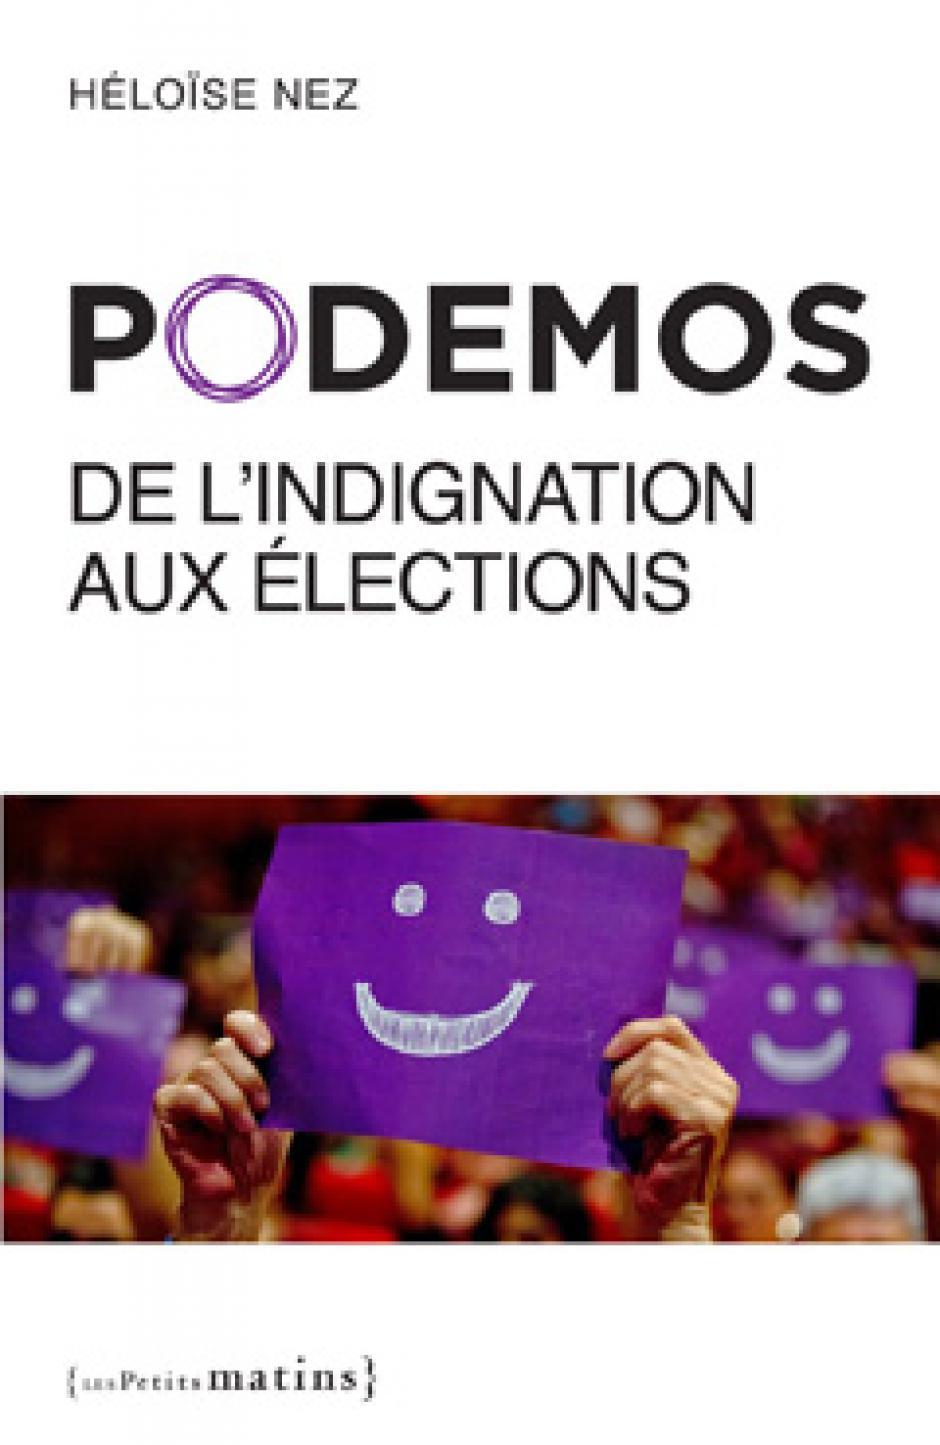 Le succès de Podemos en Espagne : rompre avec les tabous de la gauche, Héloïse Nez*